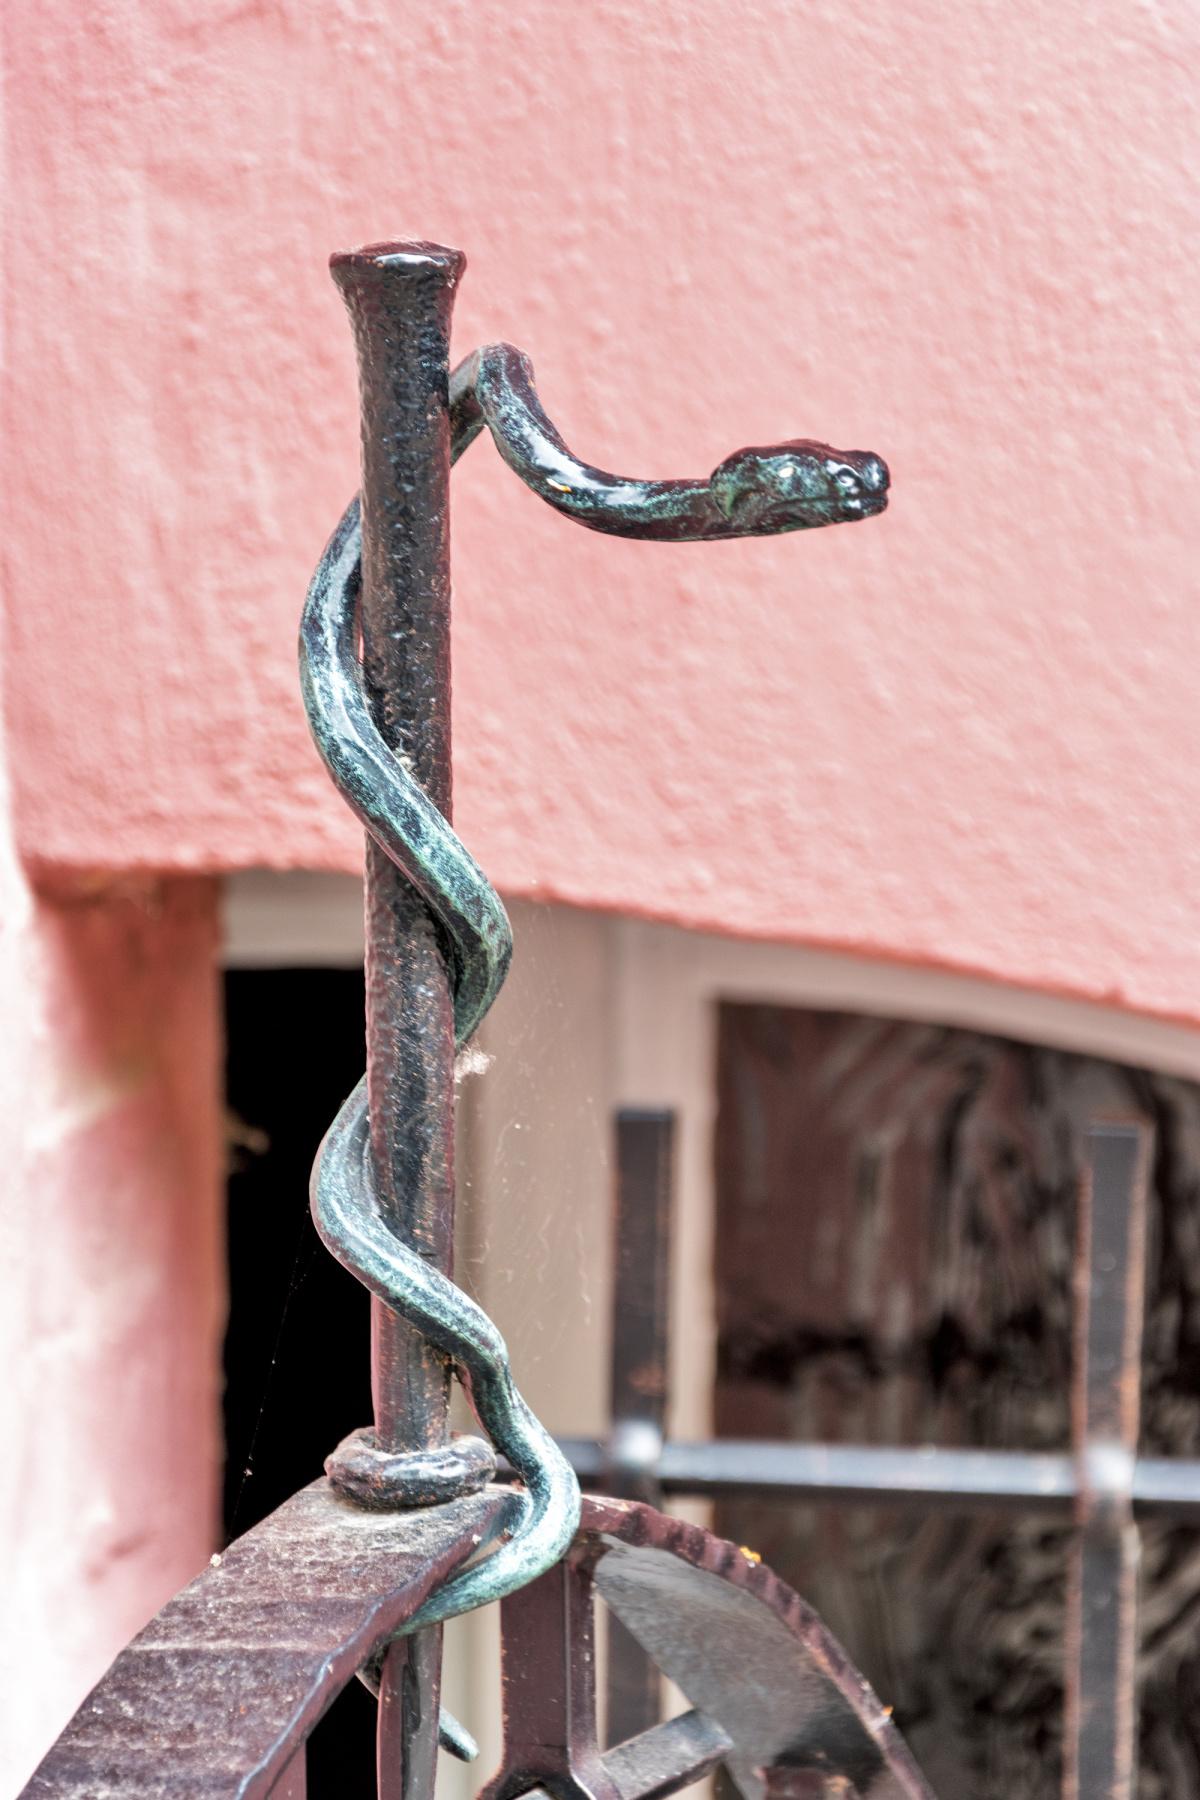 Doctor's Snake